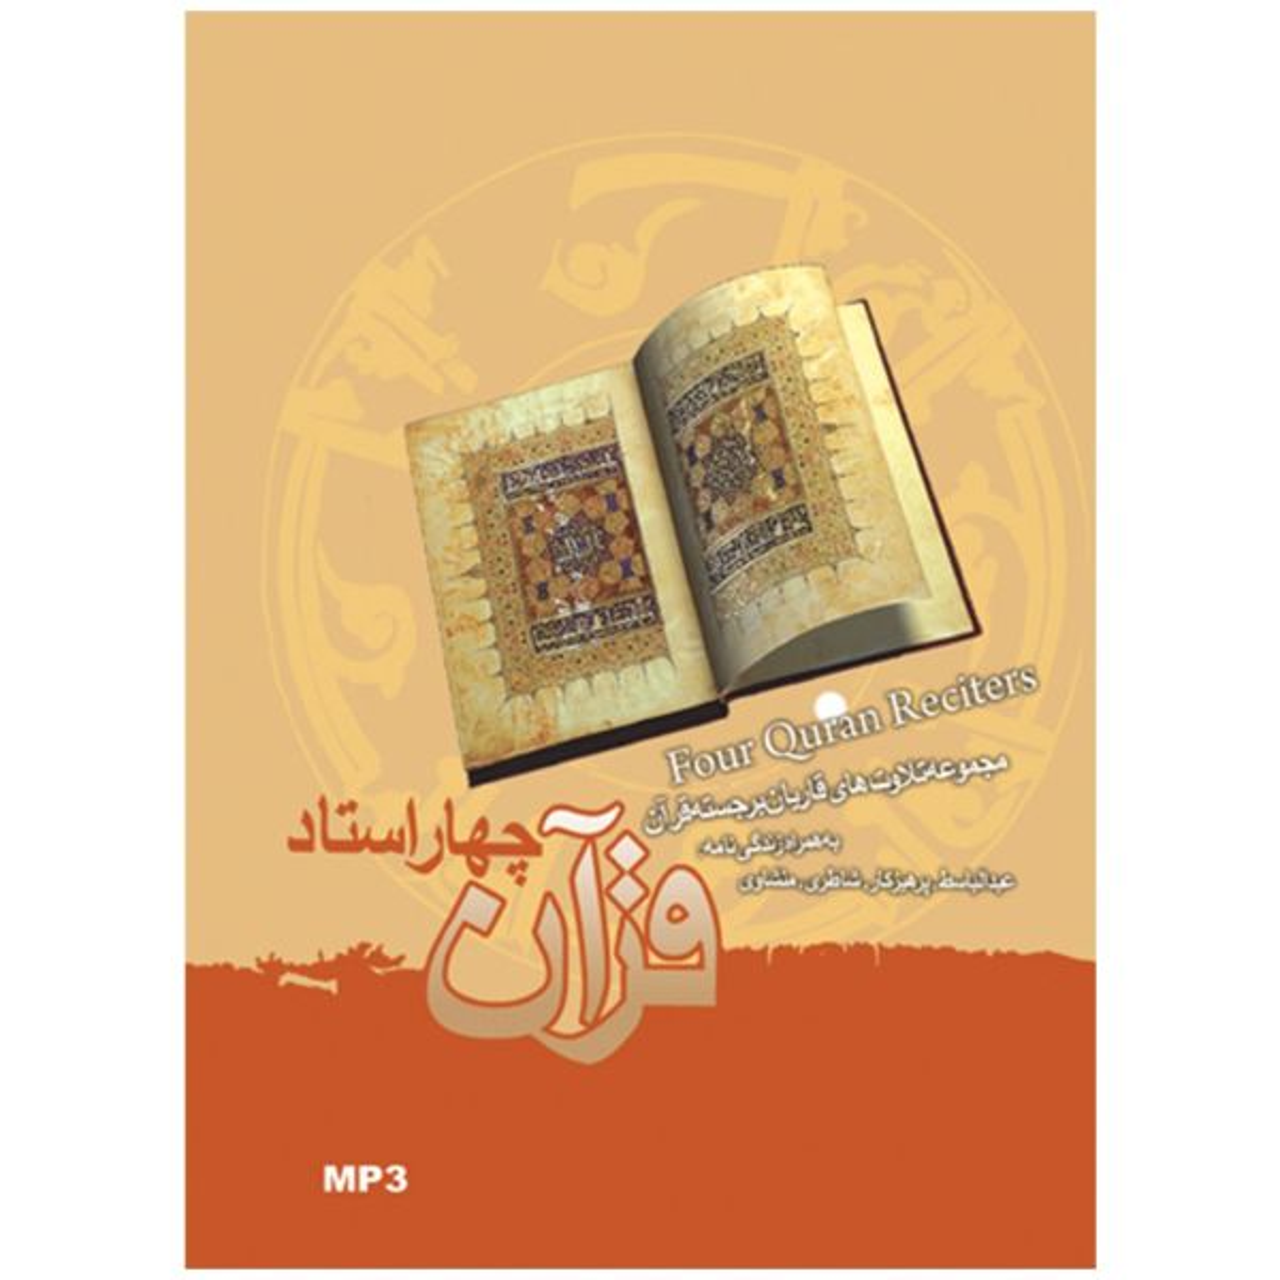 مجموعه تلاوت قرآن با صدای چهار استاد